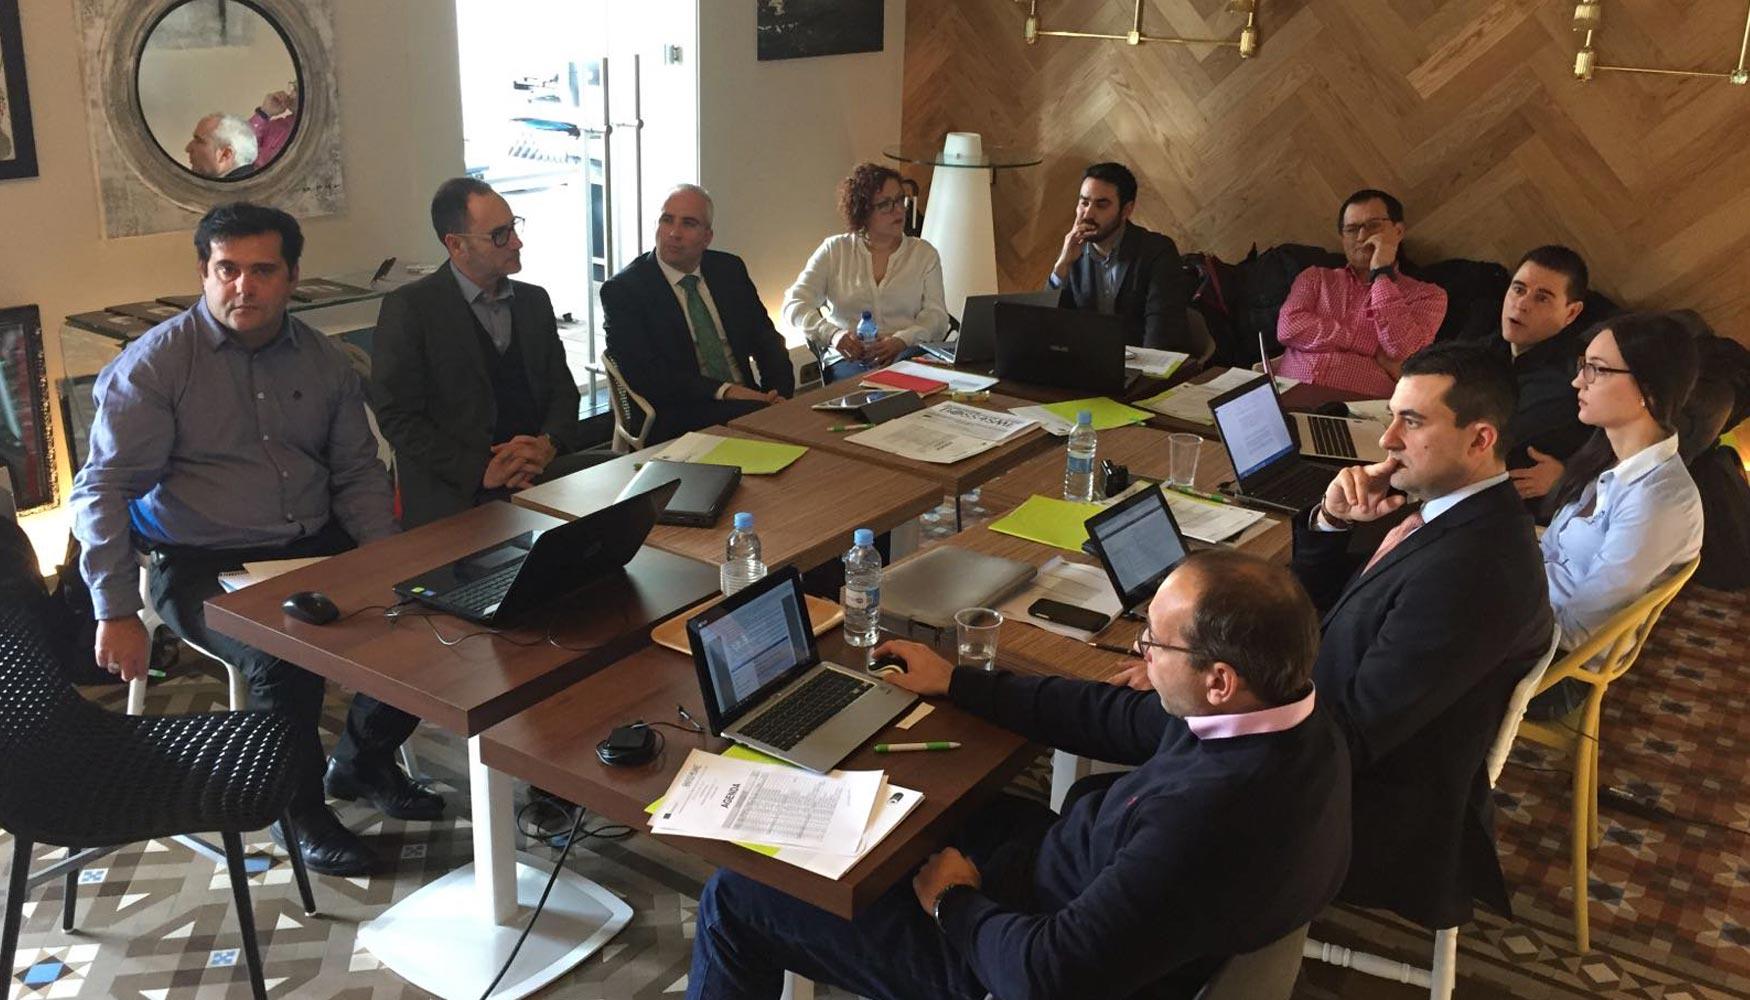 Se inicia el proyecto europeo boss4smes liderado por for Programa interiorismo